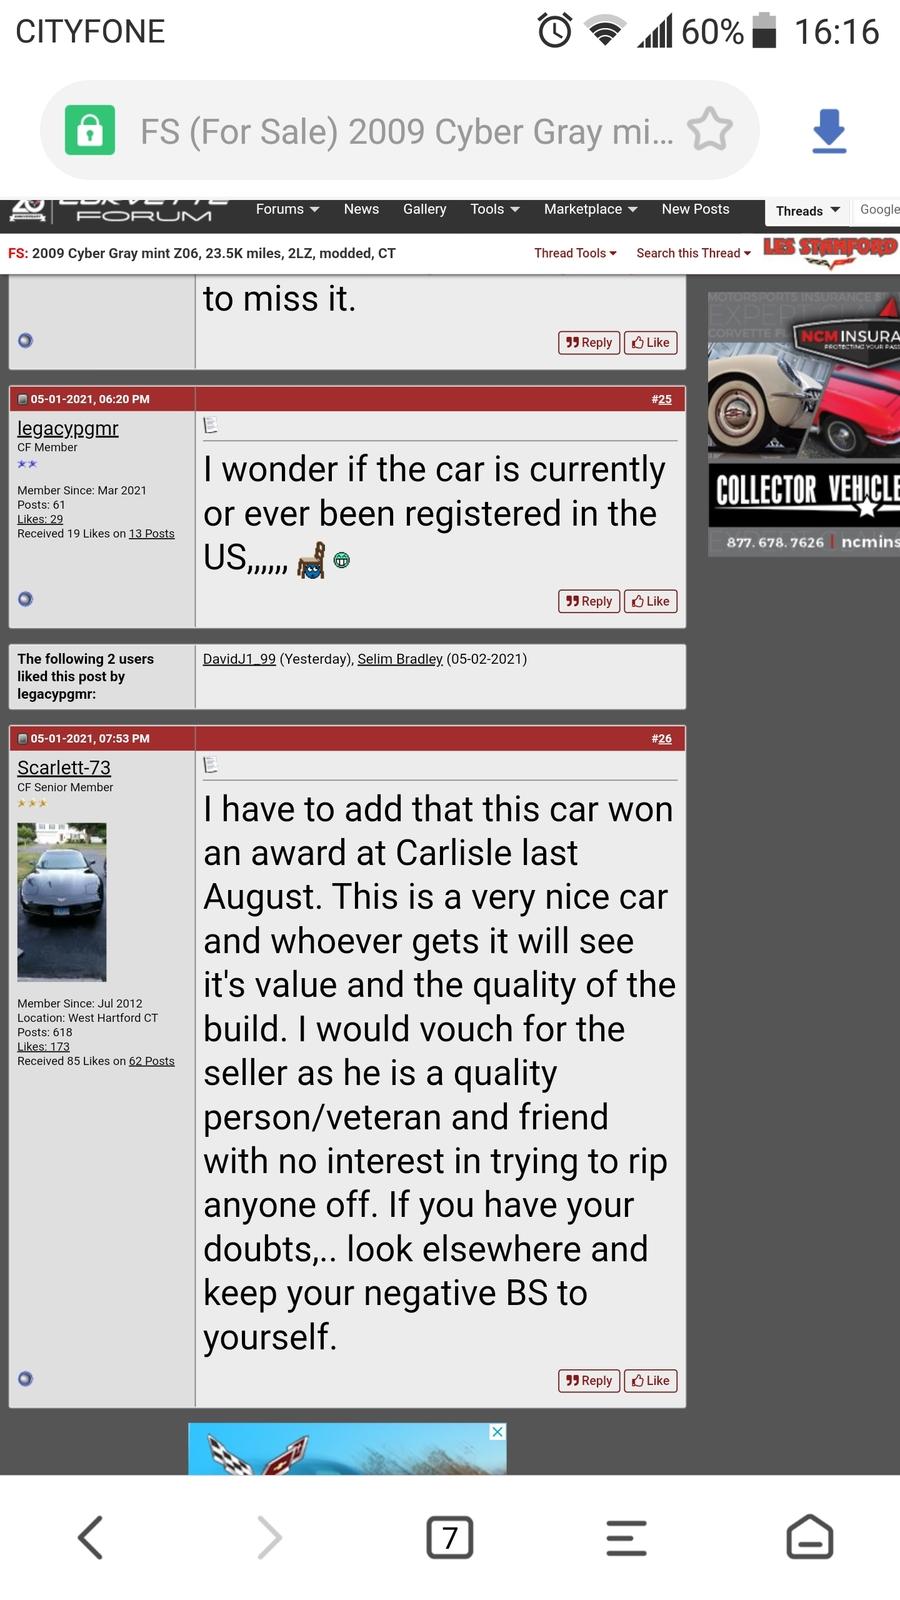 Screenshot-2021-05-07-16-16-12.jpg